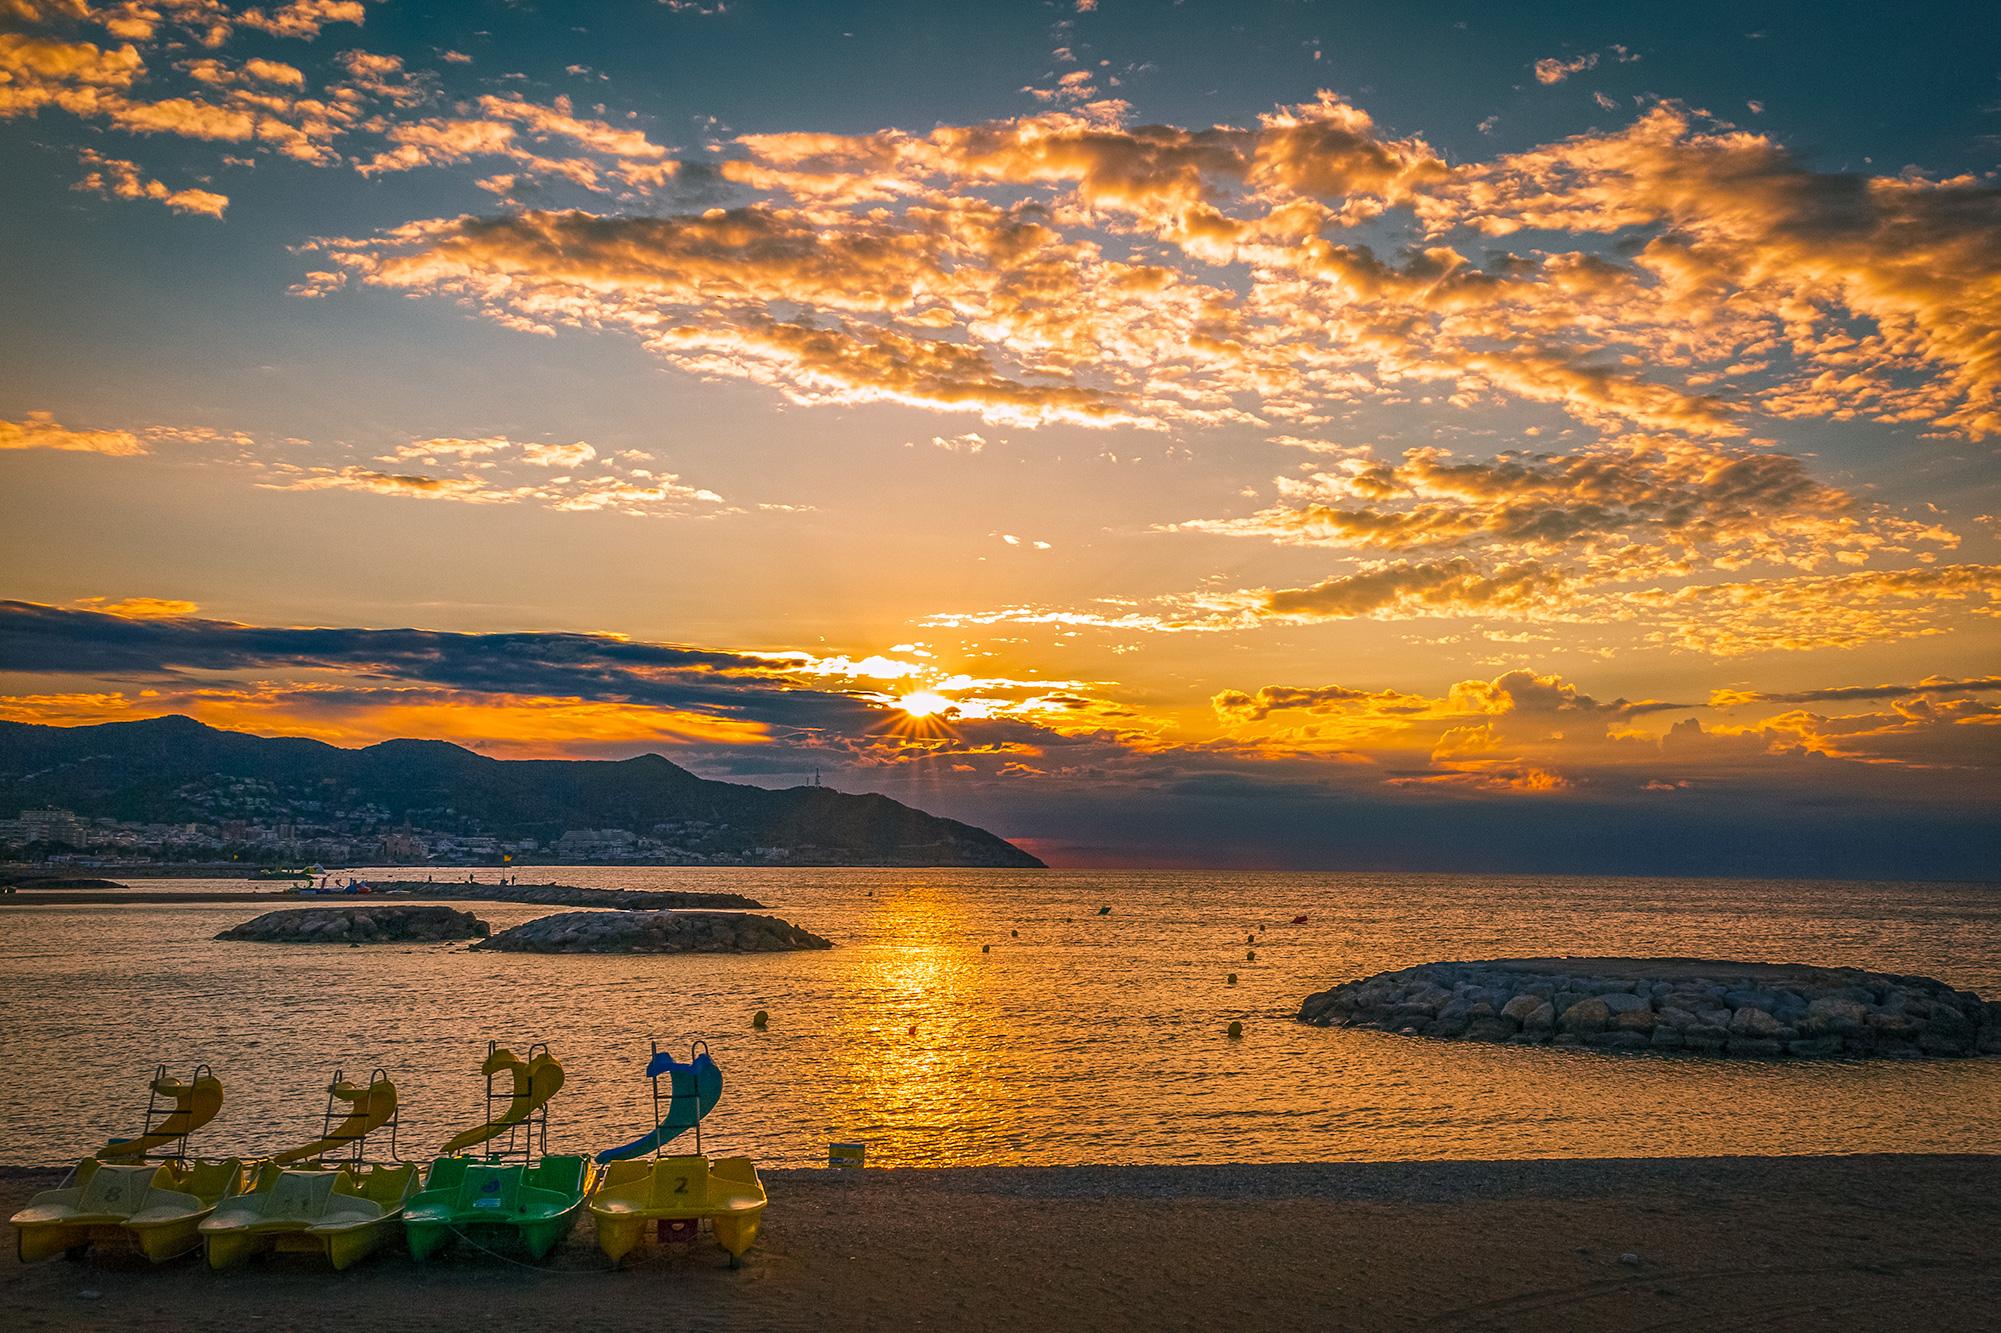 Sonnenaufgang in Sitges, Spanien